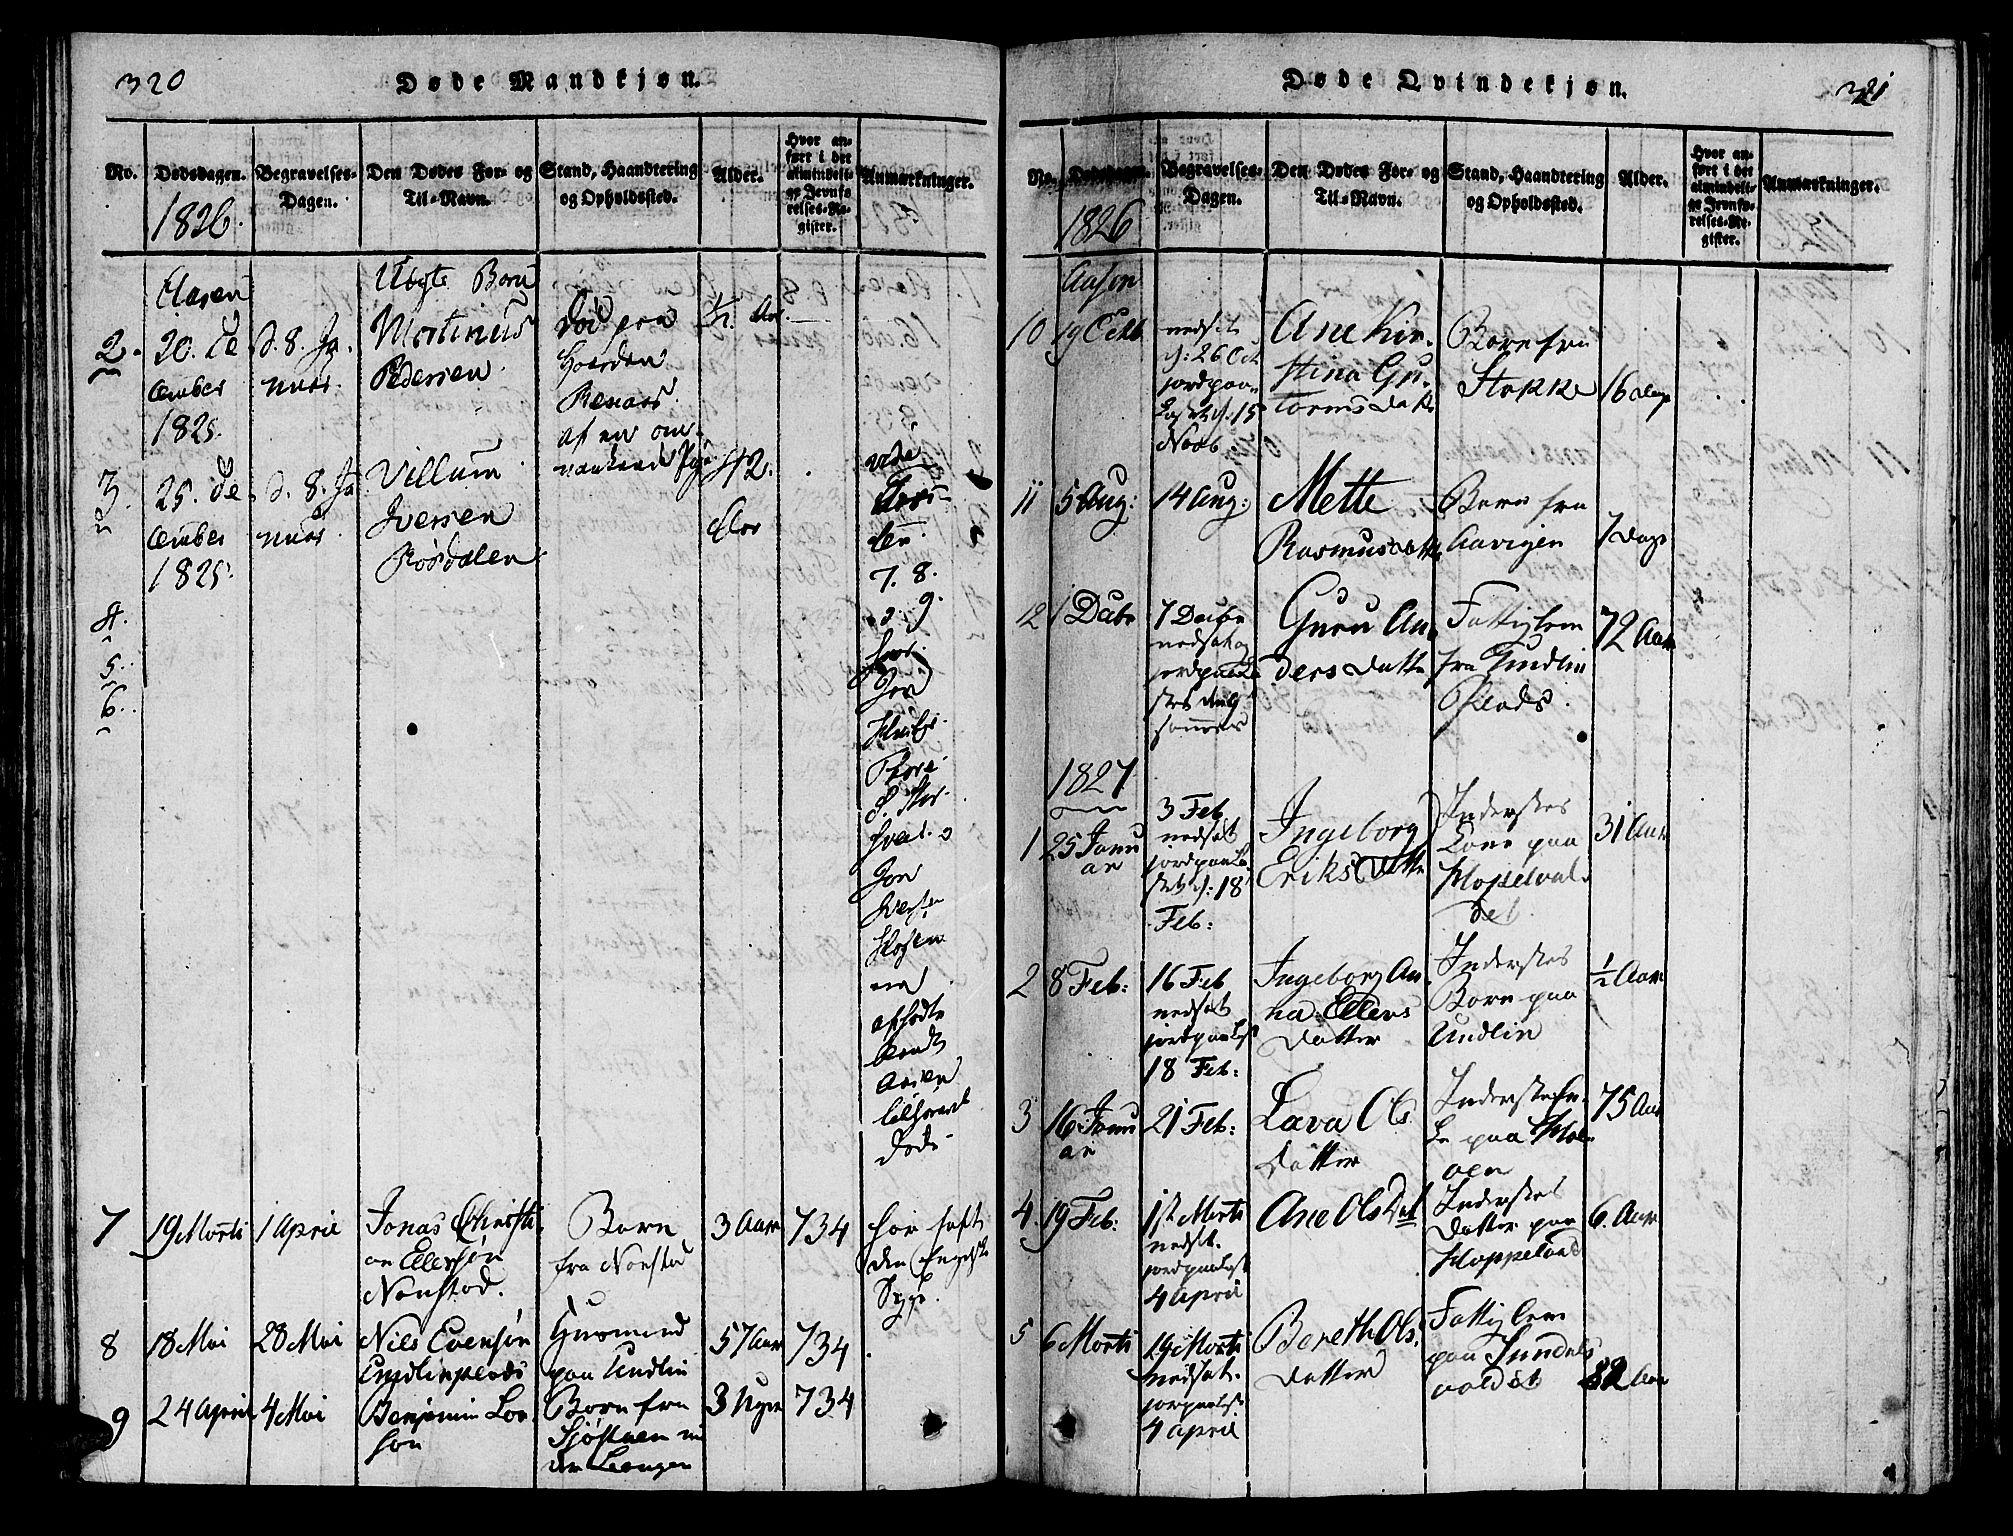 SAT, Ministerialprotokoller, klokkerbøker og fødselsregistre - Nord-Trøndelag, 713/L0112: Ministerialbok nr. 713A04 /2, 1817-1827, s. 320-321